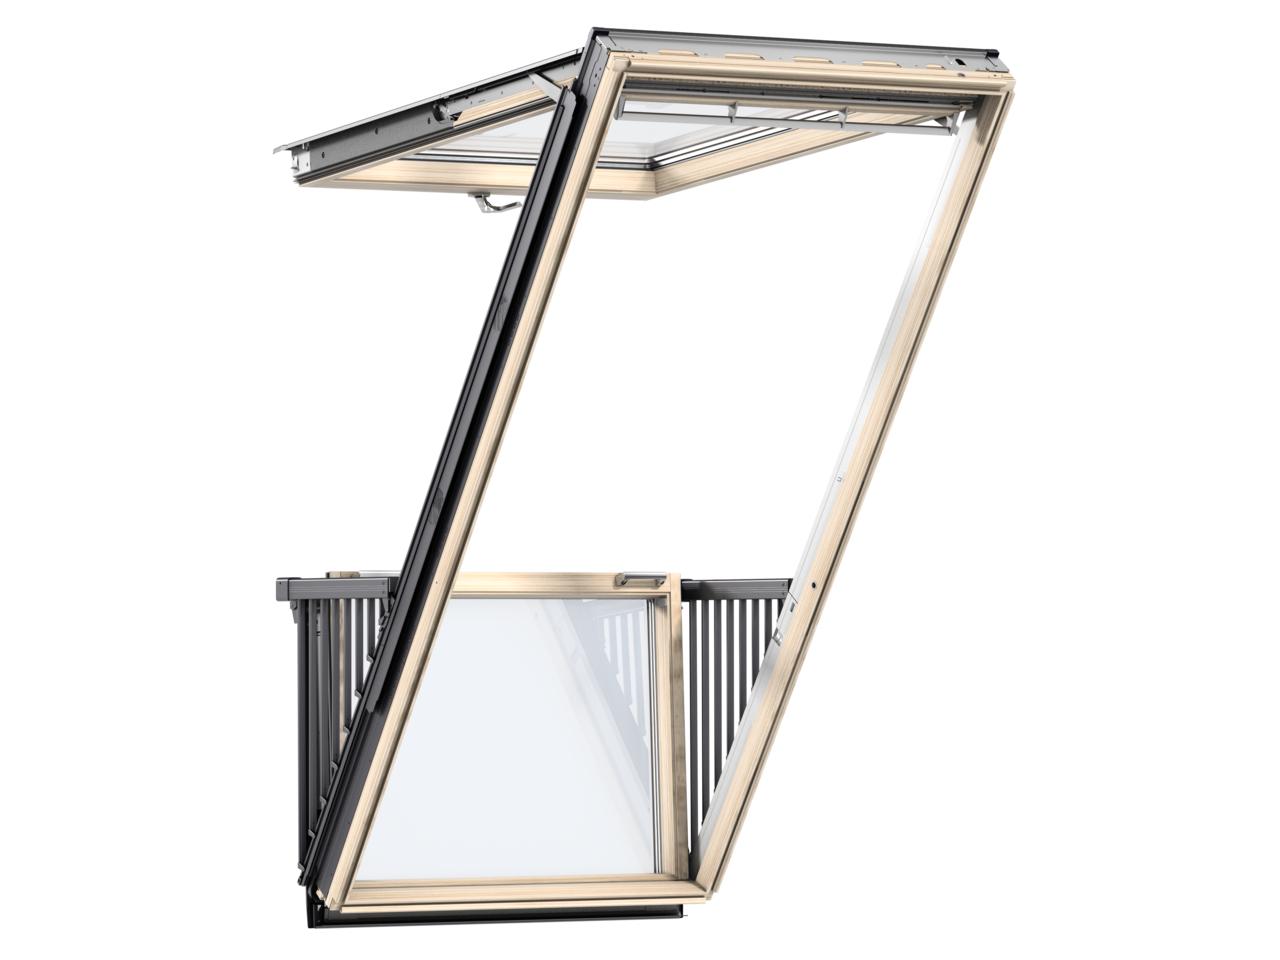 Střešní balkon VELUX GDL Cabrio 3066 s trojskly rozměr: Okno: PK19 94x252 cm